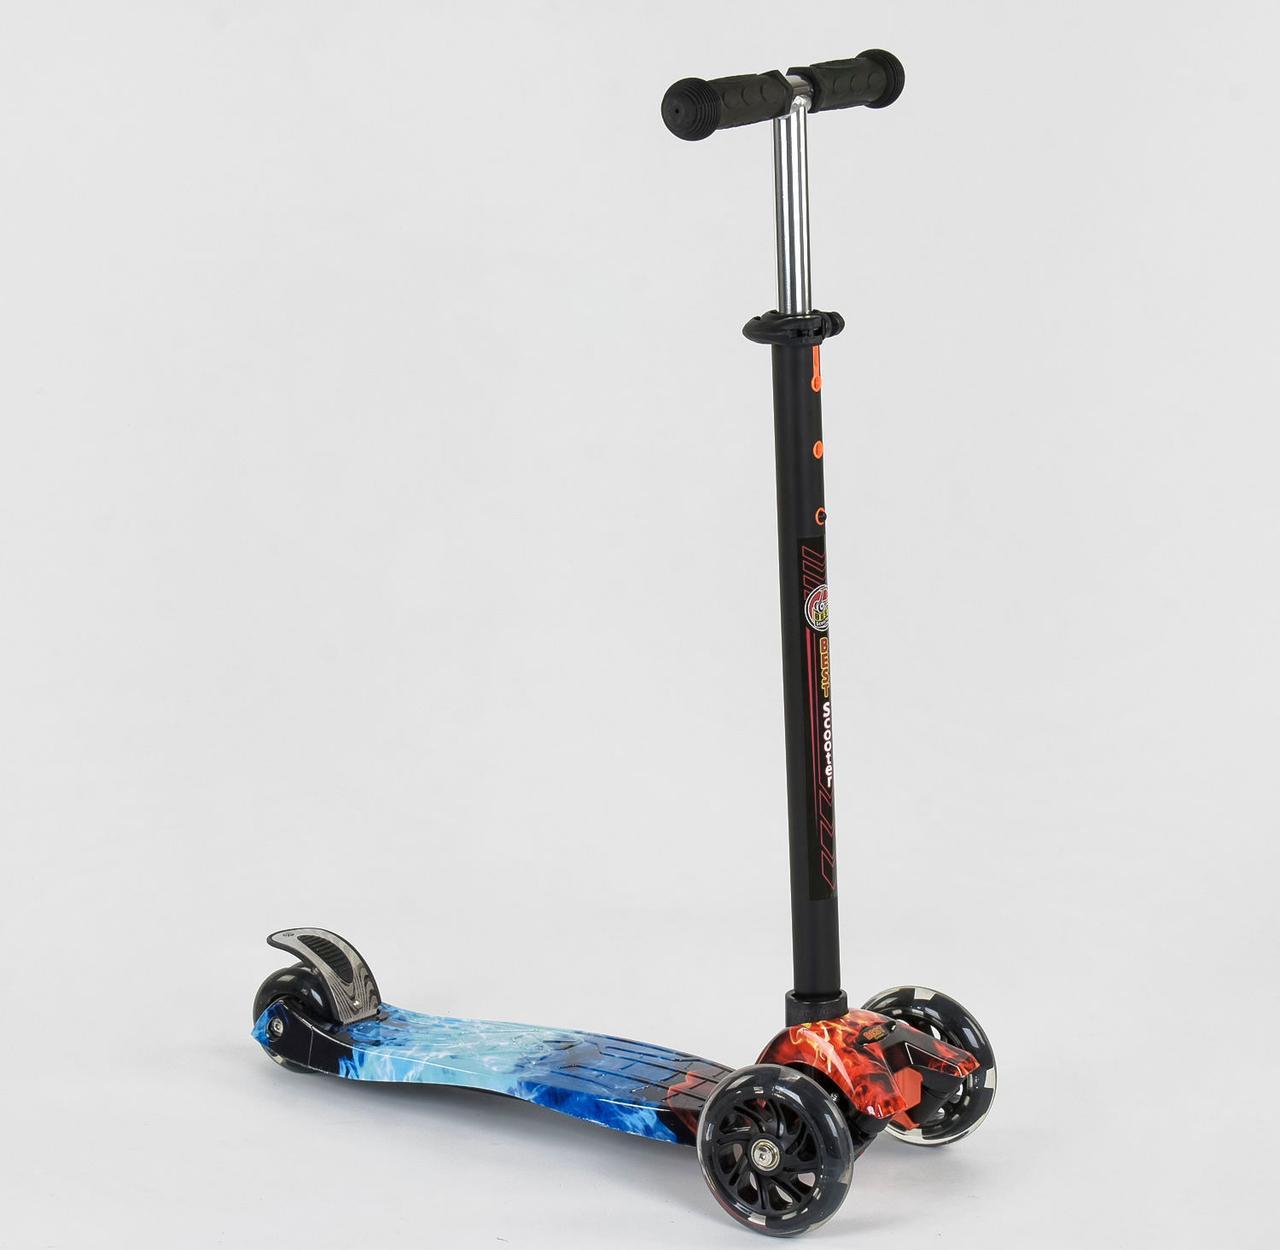 Детский самокат MAXI Best Scooter. Огонь и Лед 2. Светящиеся черные колеса!